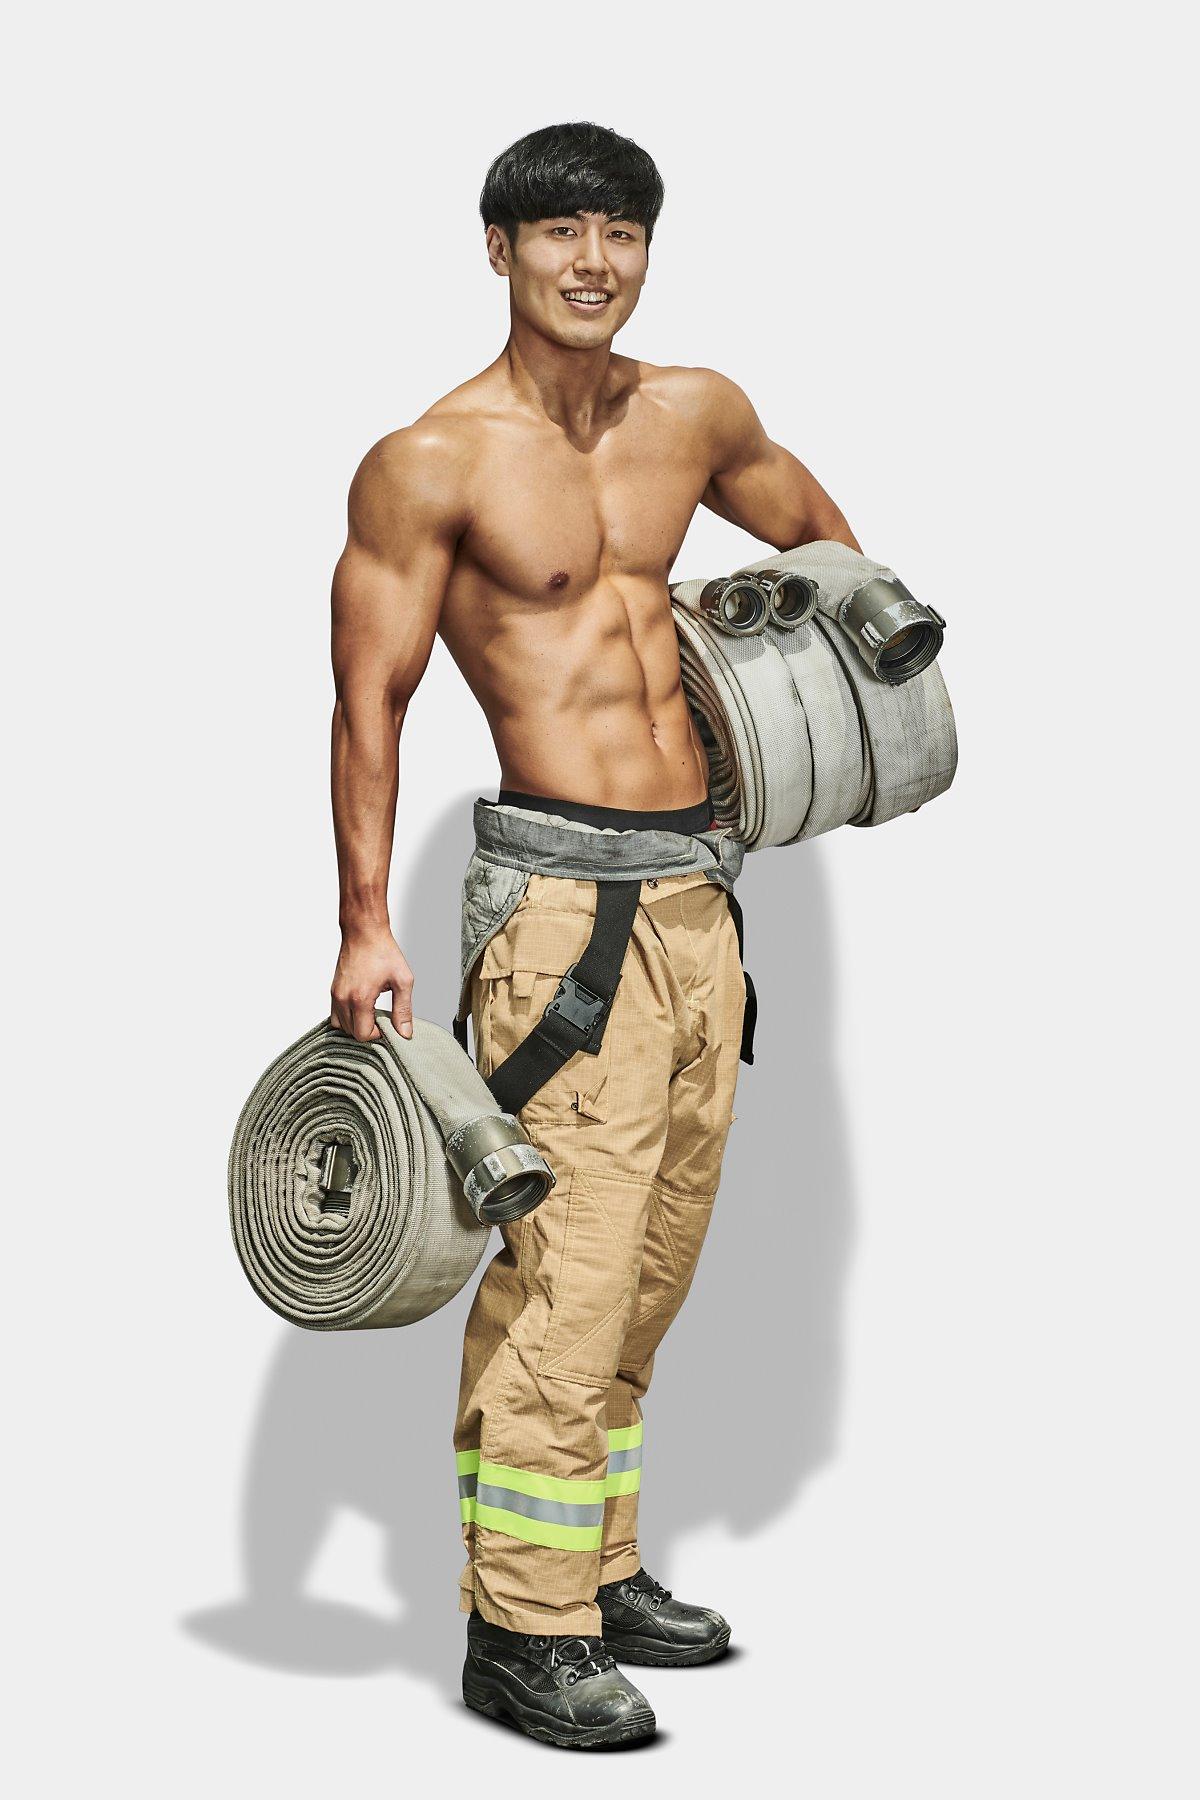 用來救火的消防喉轆非常重,想不變大隻都難!